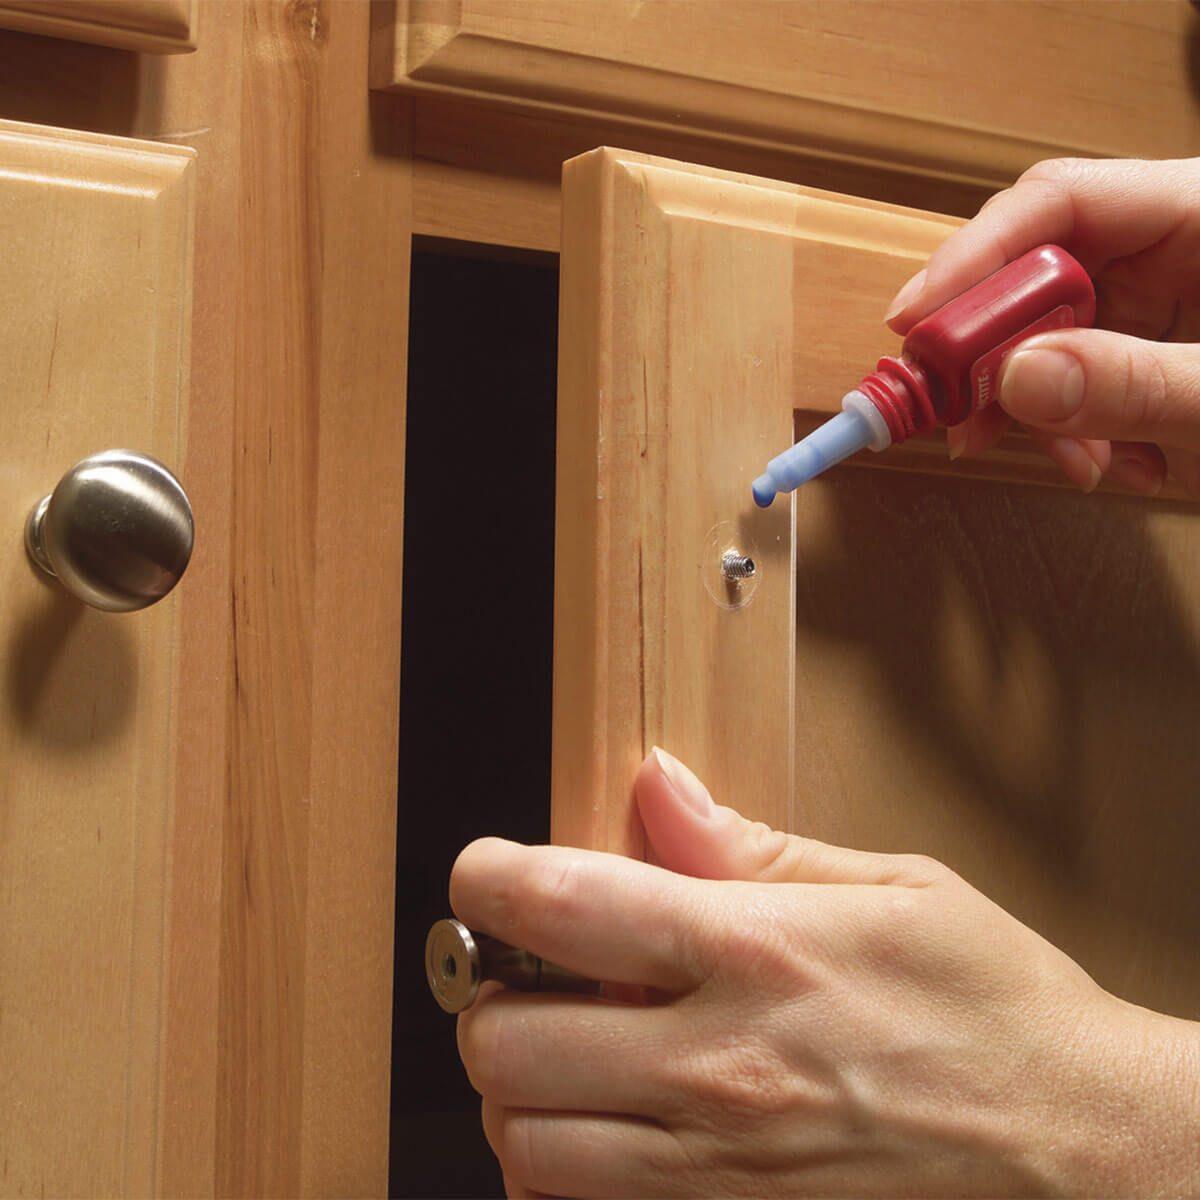 Fix a Loose Cabinet Knob